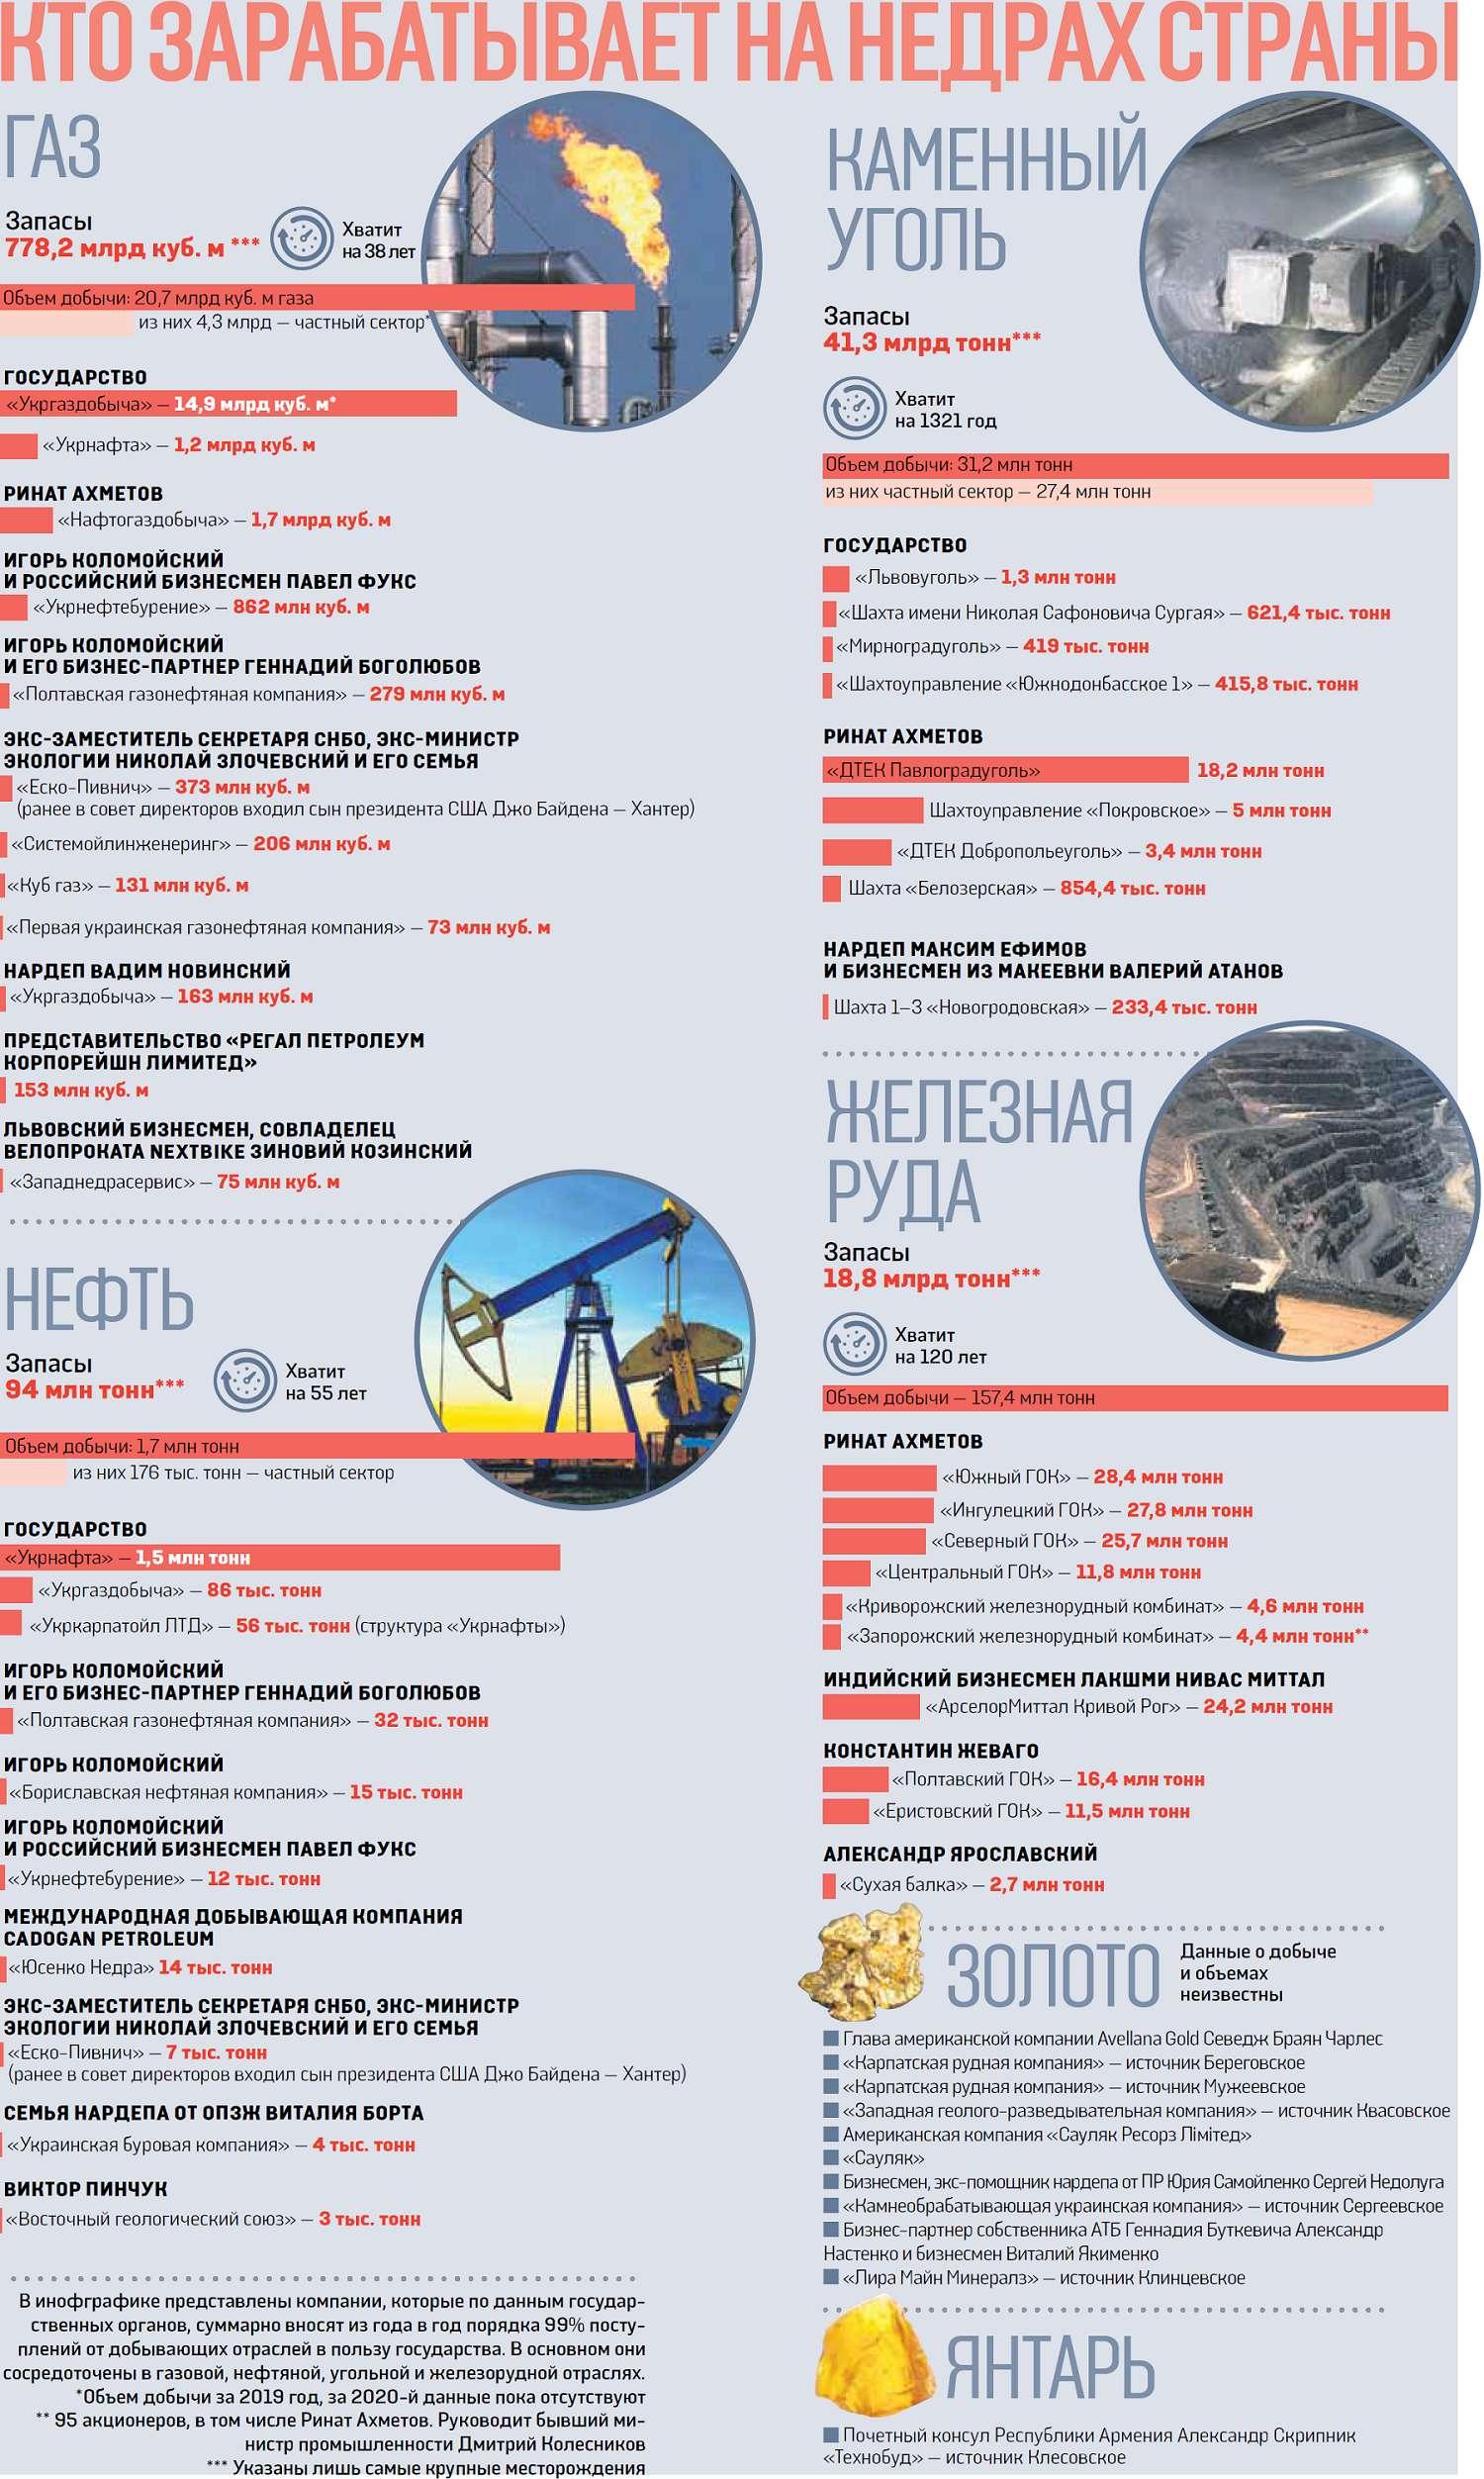 Карманные недра. Кто зарабатывает на украинских ископаемых - фото 1